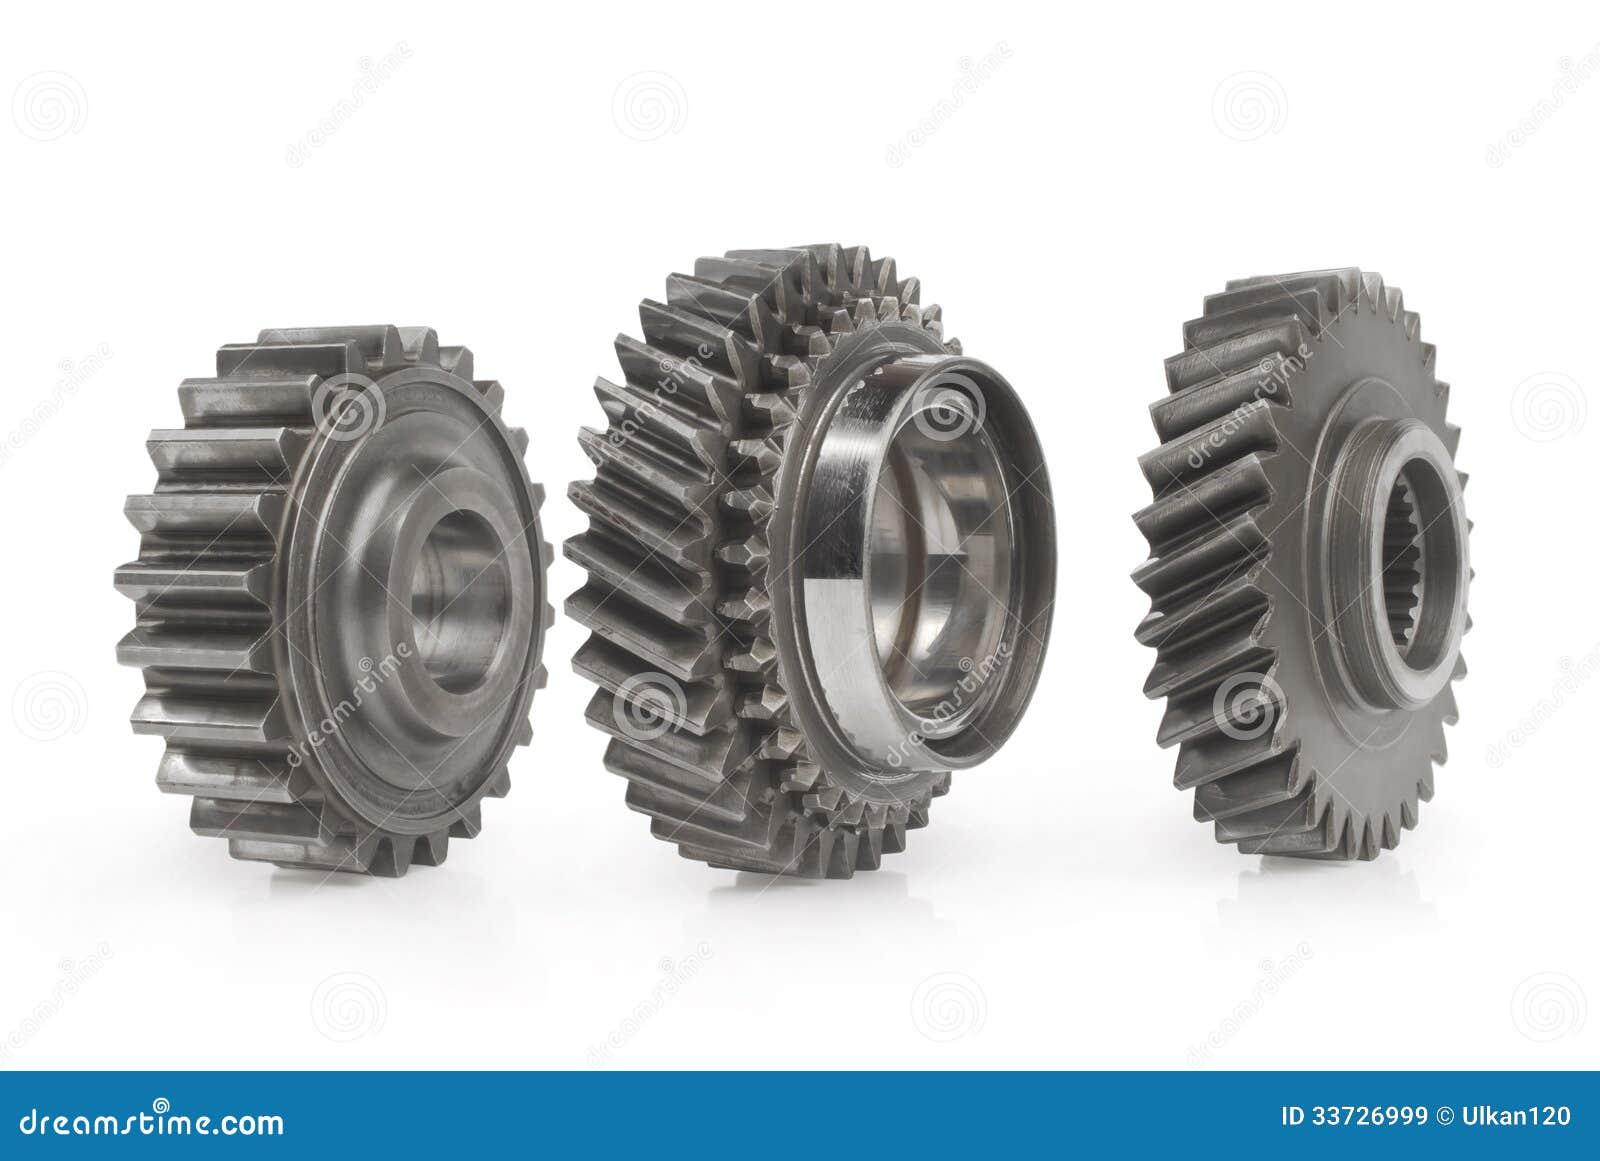 Крупный план 3 шестерней cog металла